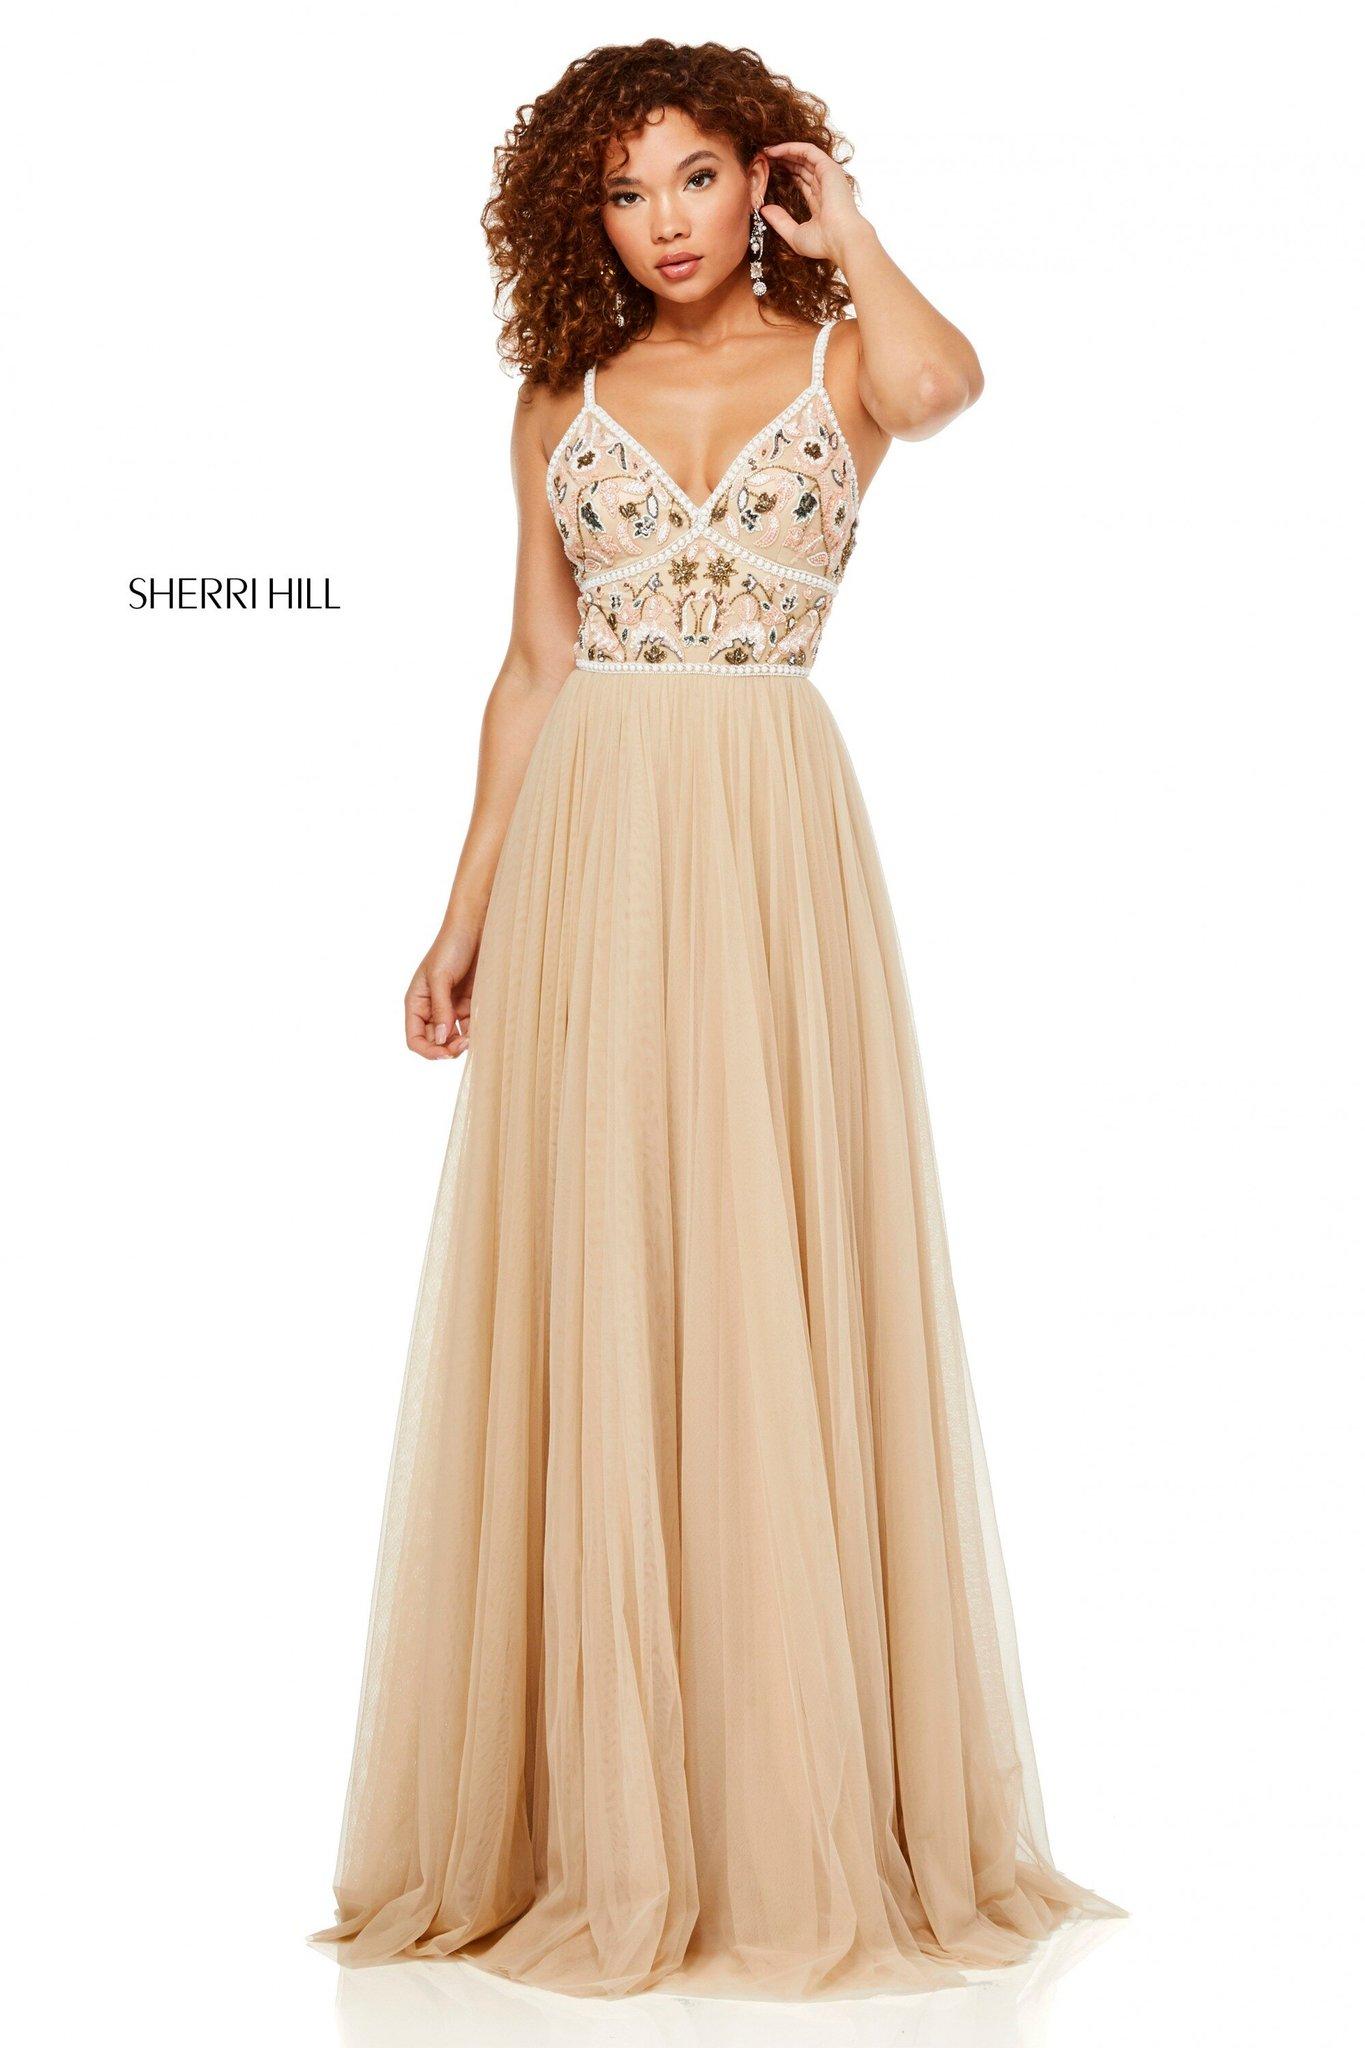 Sherri Hill 52523 Платье в пол, юбка длинная и пышная